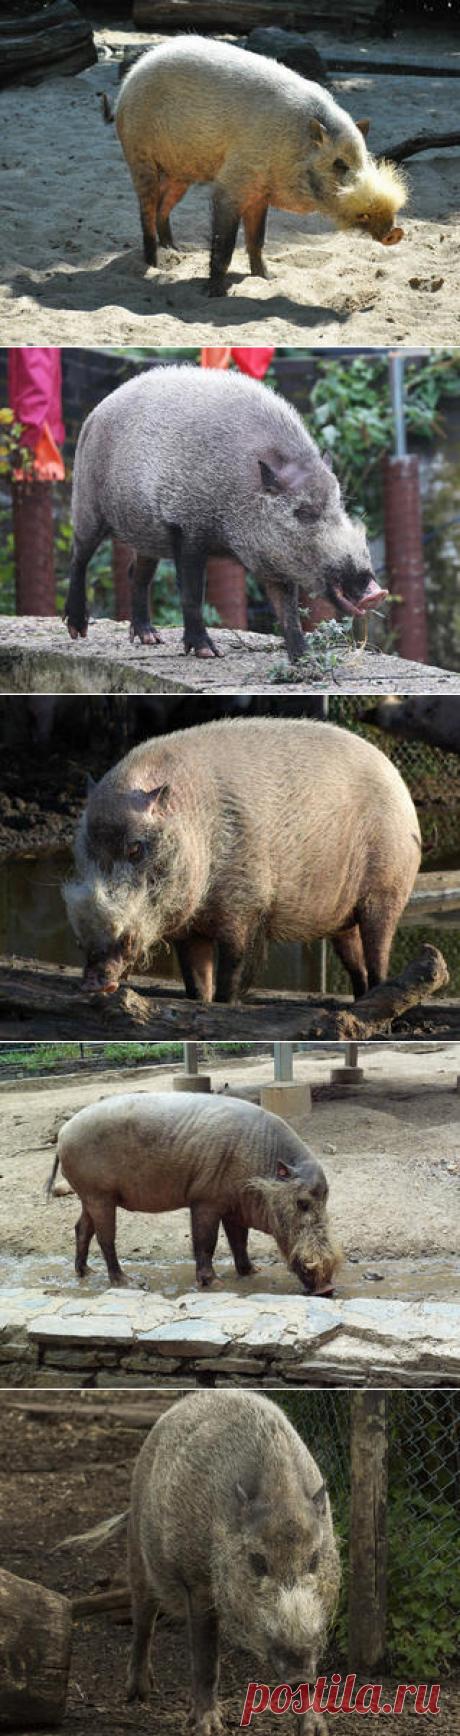 Смотреть изображения бородатых свиней | Зооляндия